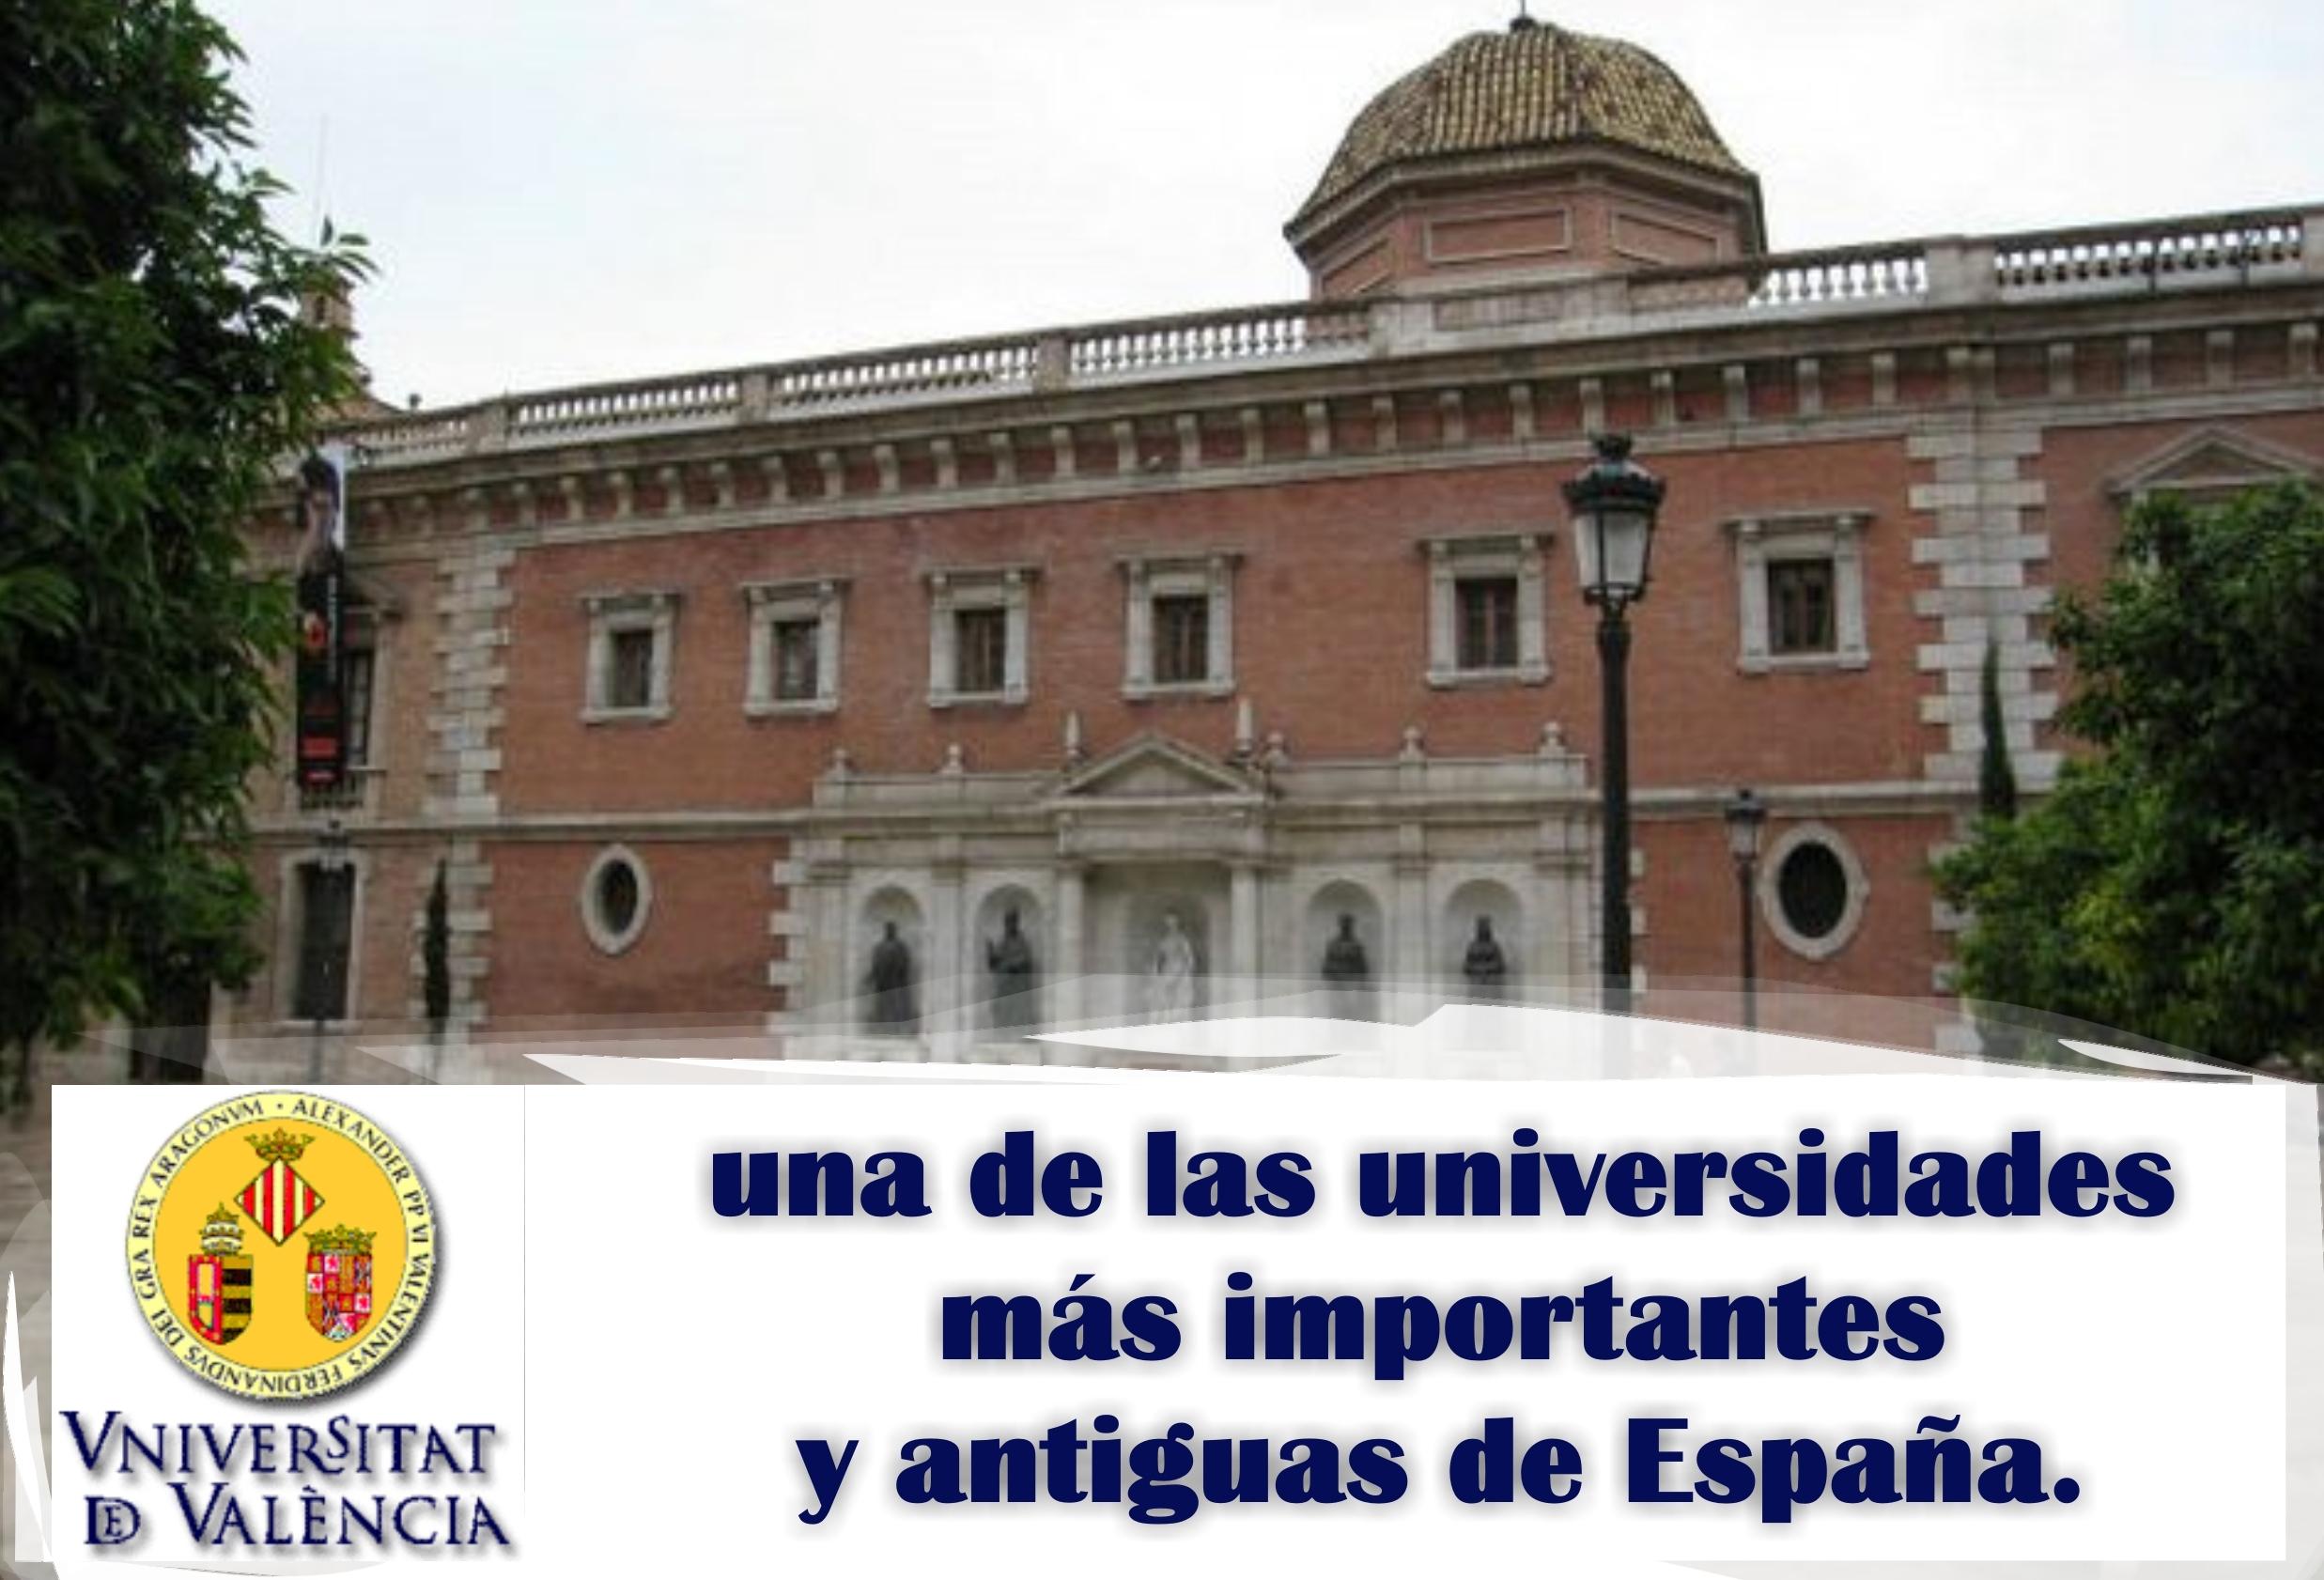 Universidad de Valencia, más de 500 años enseñando.